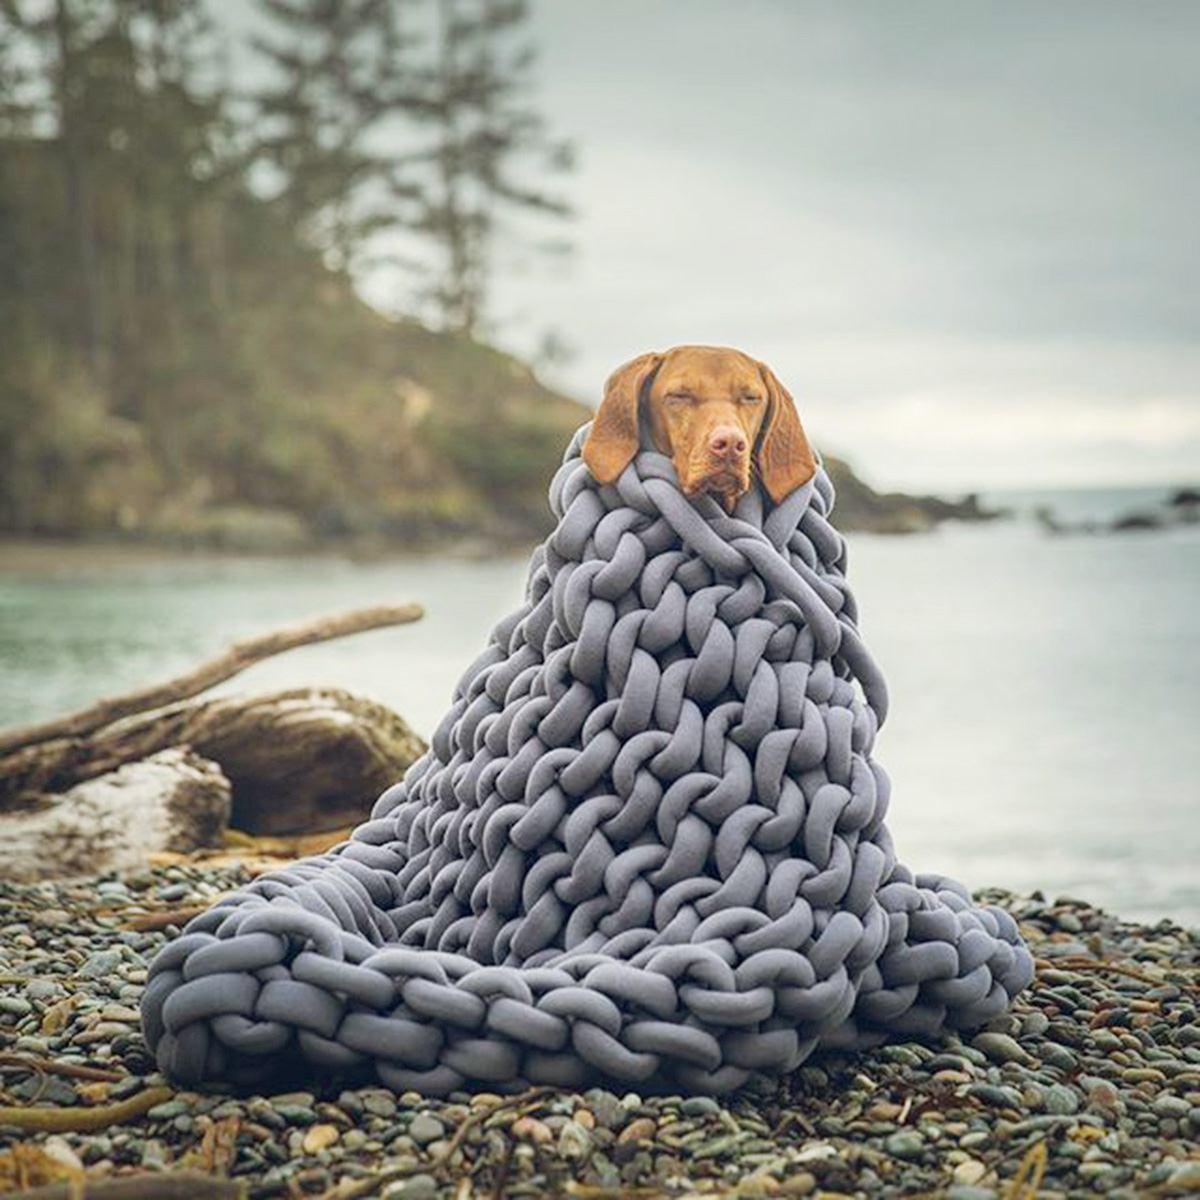 120x150 см вязаное одеяло для дивана ручной работы, мягкое теплое толстое Хлопковое одеяло, зимнее элегантное уютное теплое постельное белье - 2